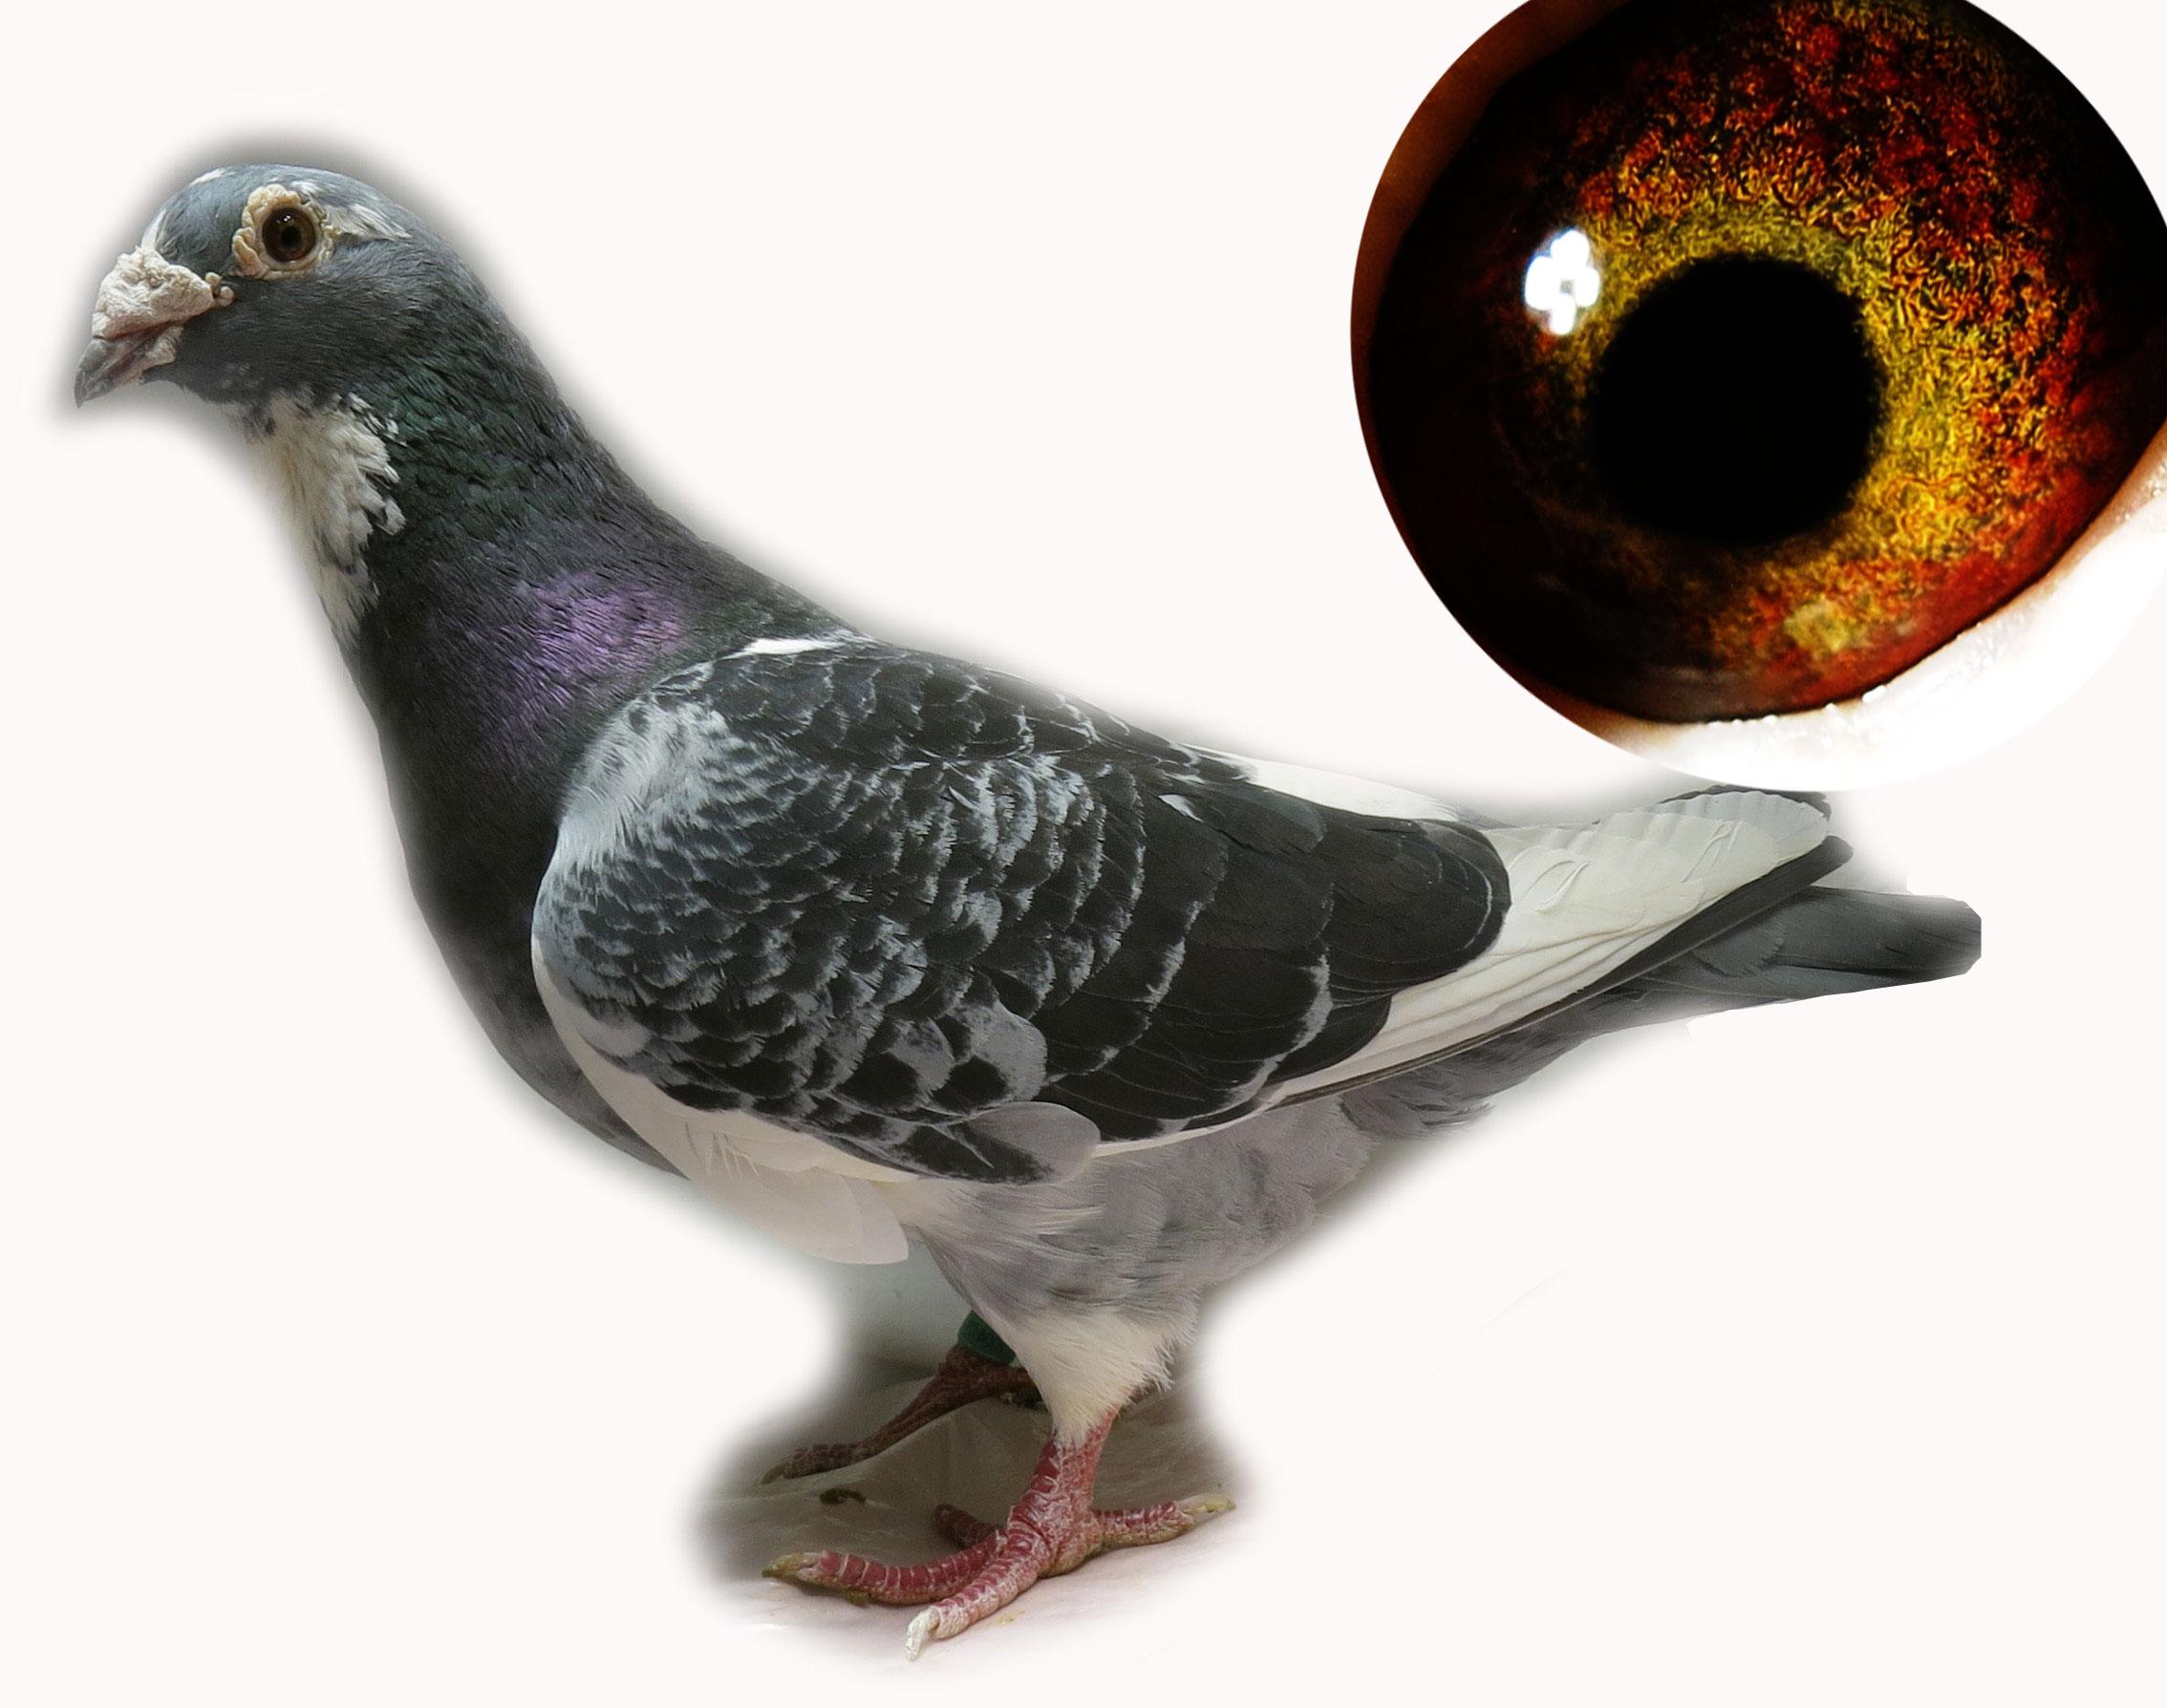 动物 鸽 鸽子 教学图示 鸟 鸟类 2268_1788